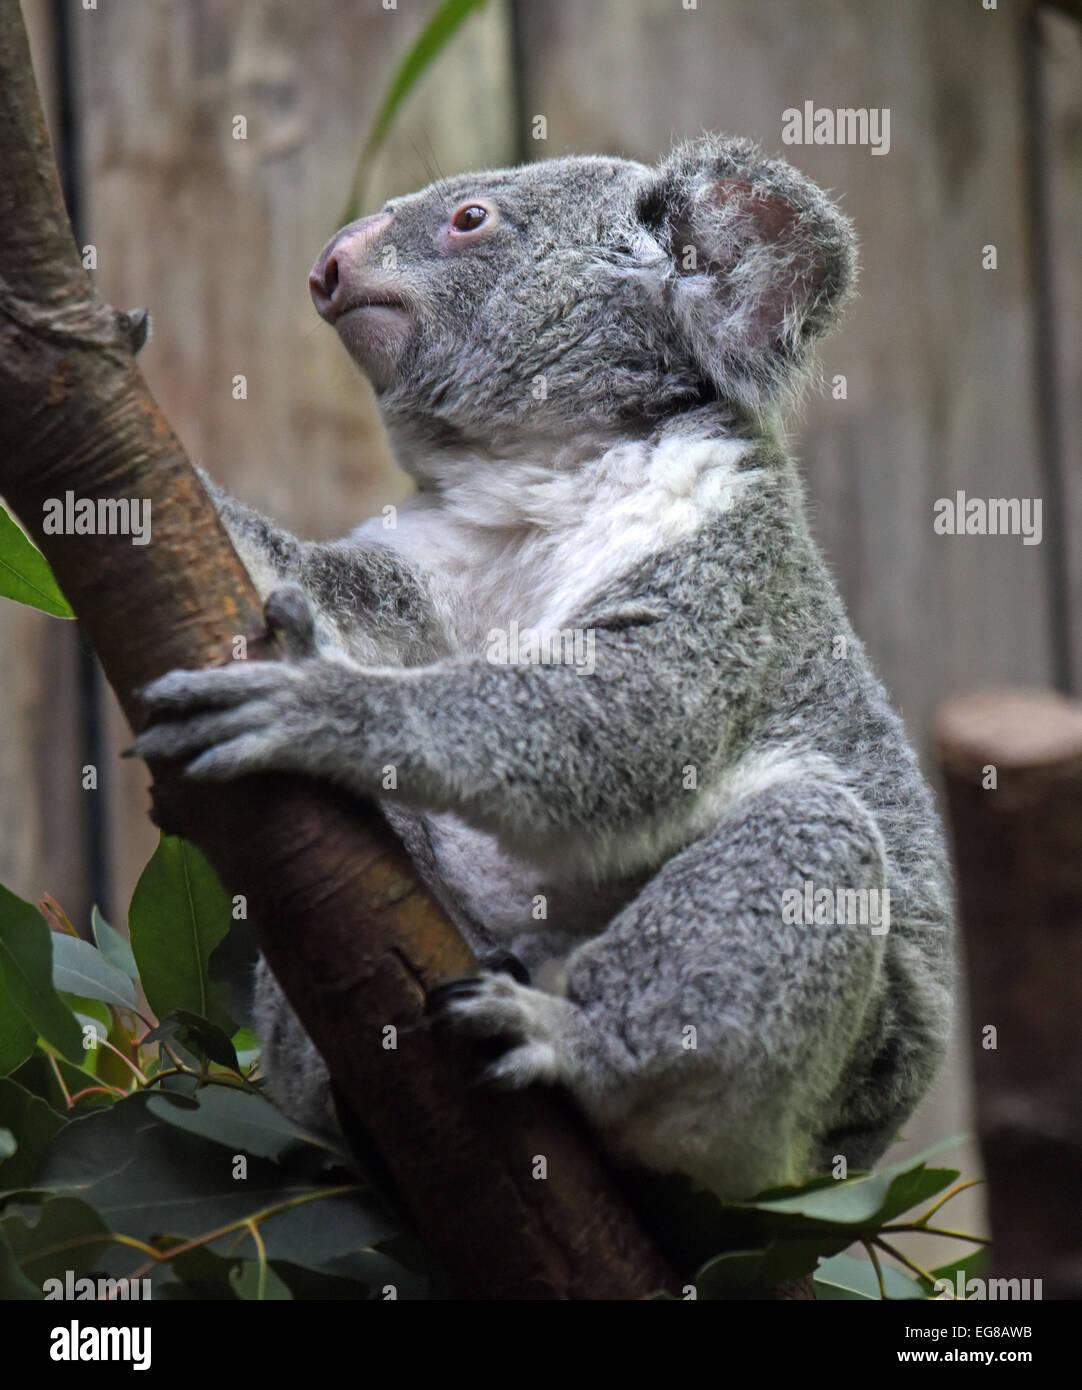 Duisburg, Germany. 29th Jan, 2015. A koala bear sits on a tree ...